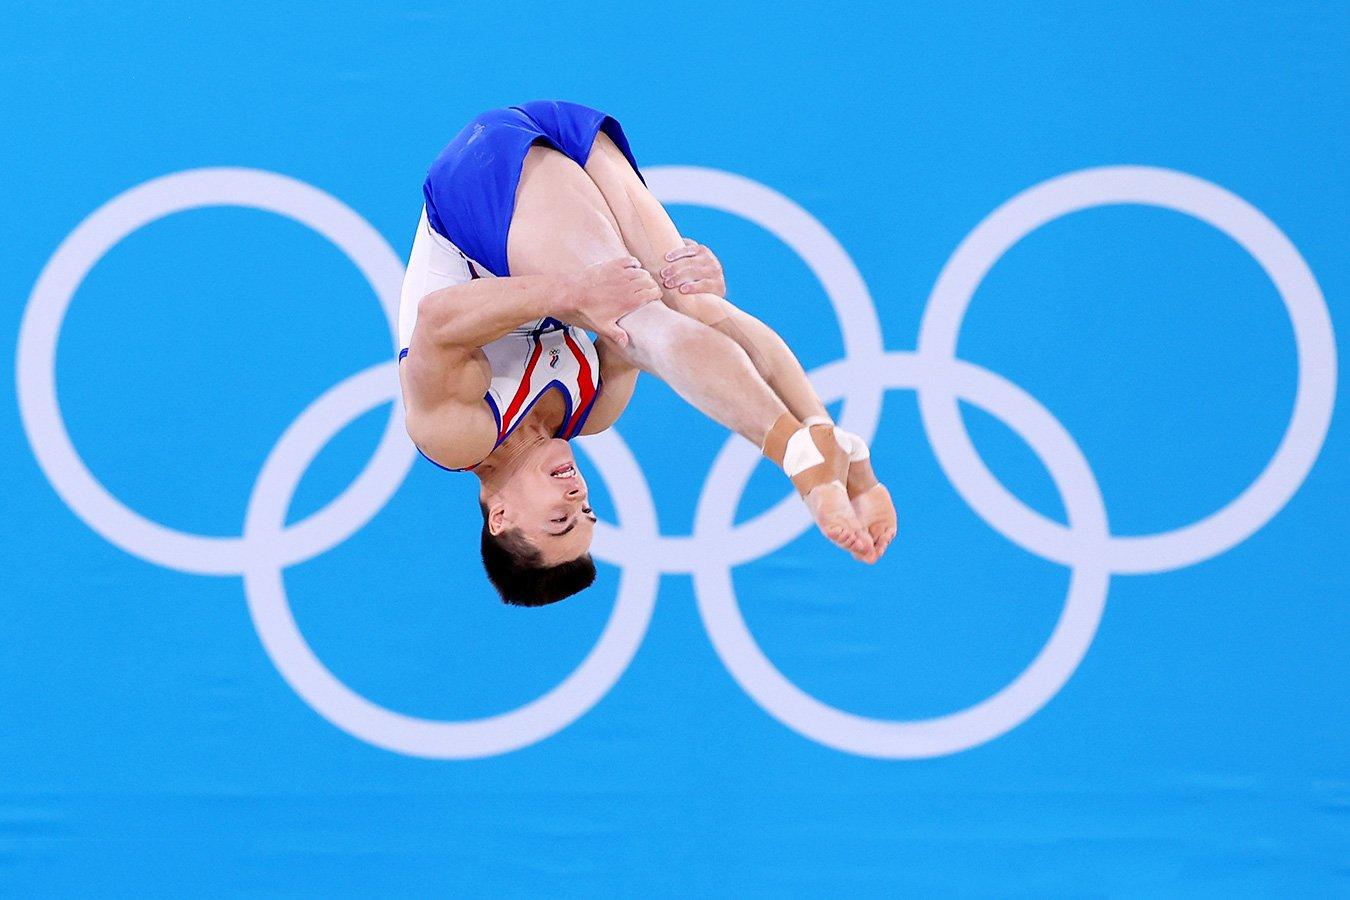 Олимпийские игры — 2020, 1 августа: где смотреть прямой эфир, время начала трансляций